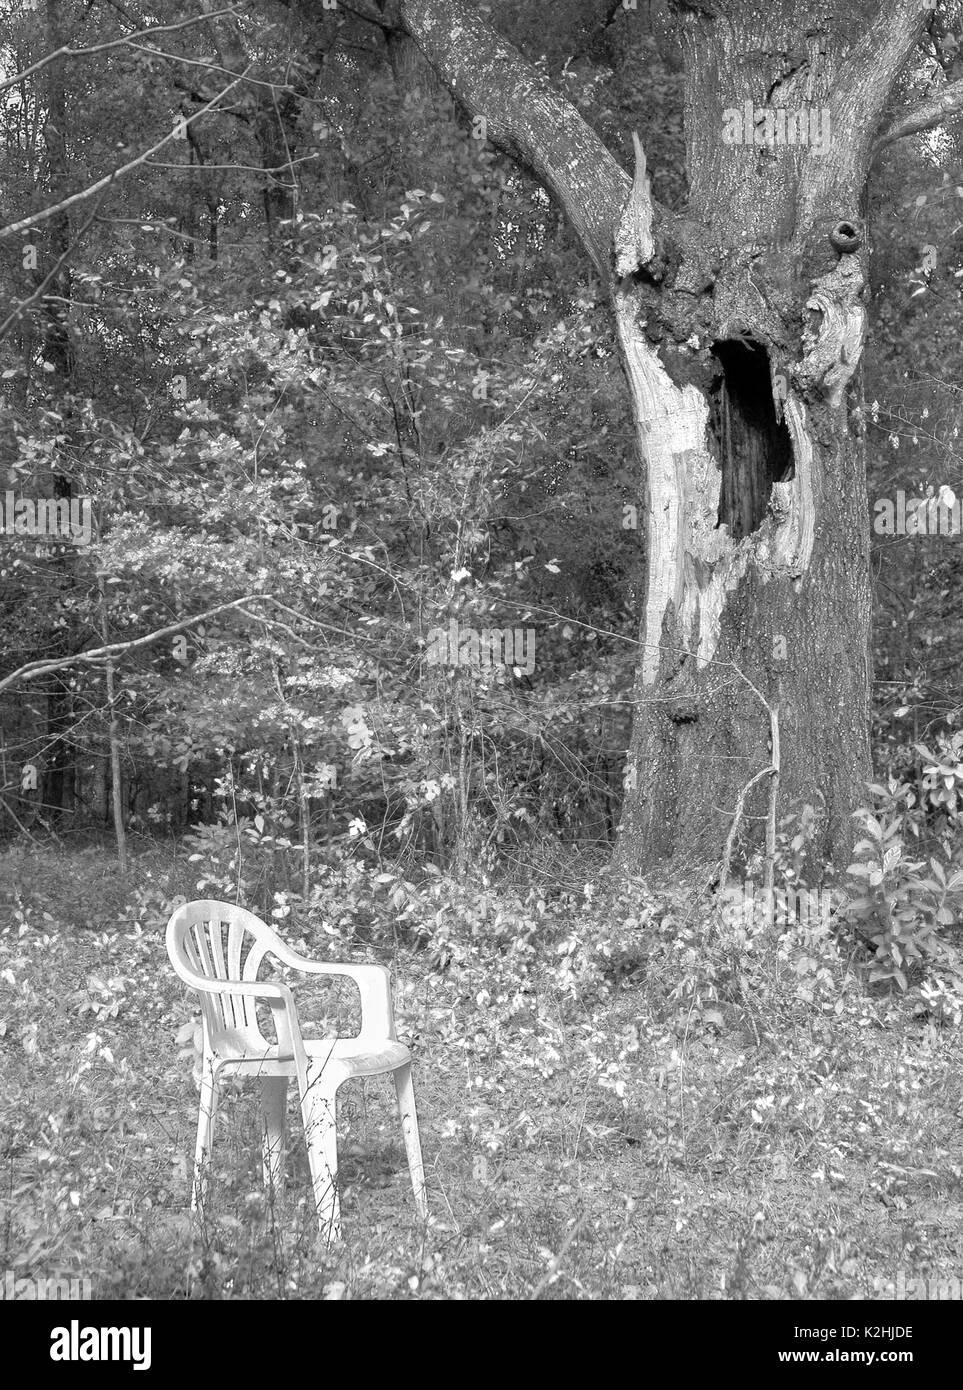 Weißer Stuhl in einem bewaldeten Gebiet. Stockfoto